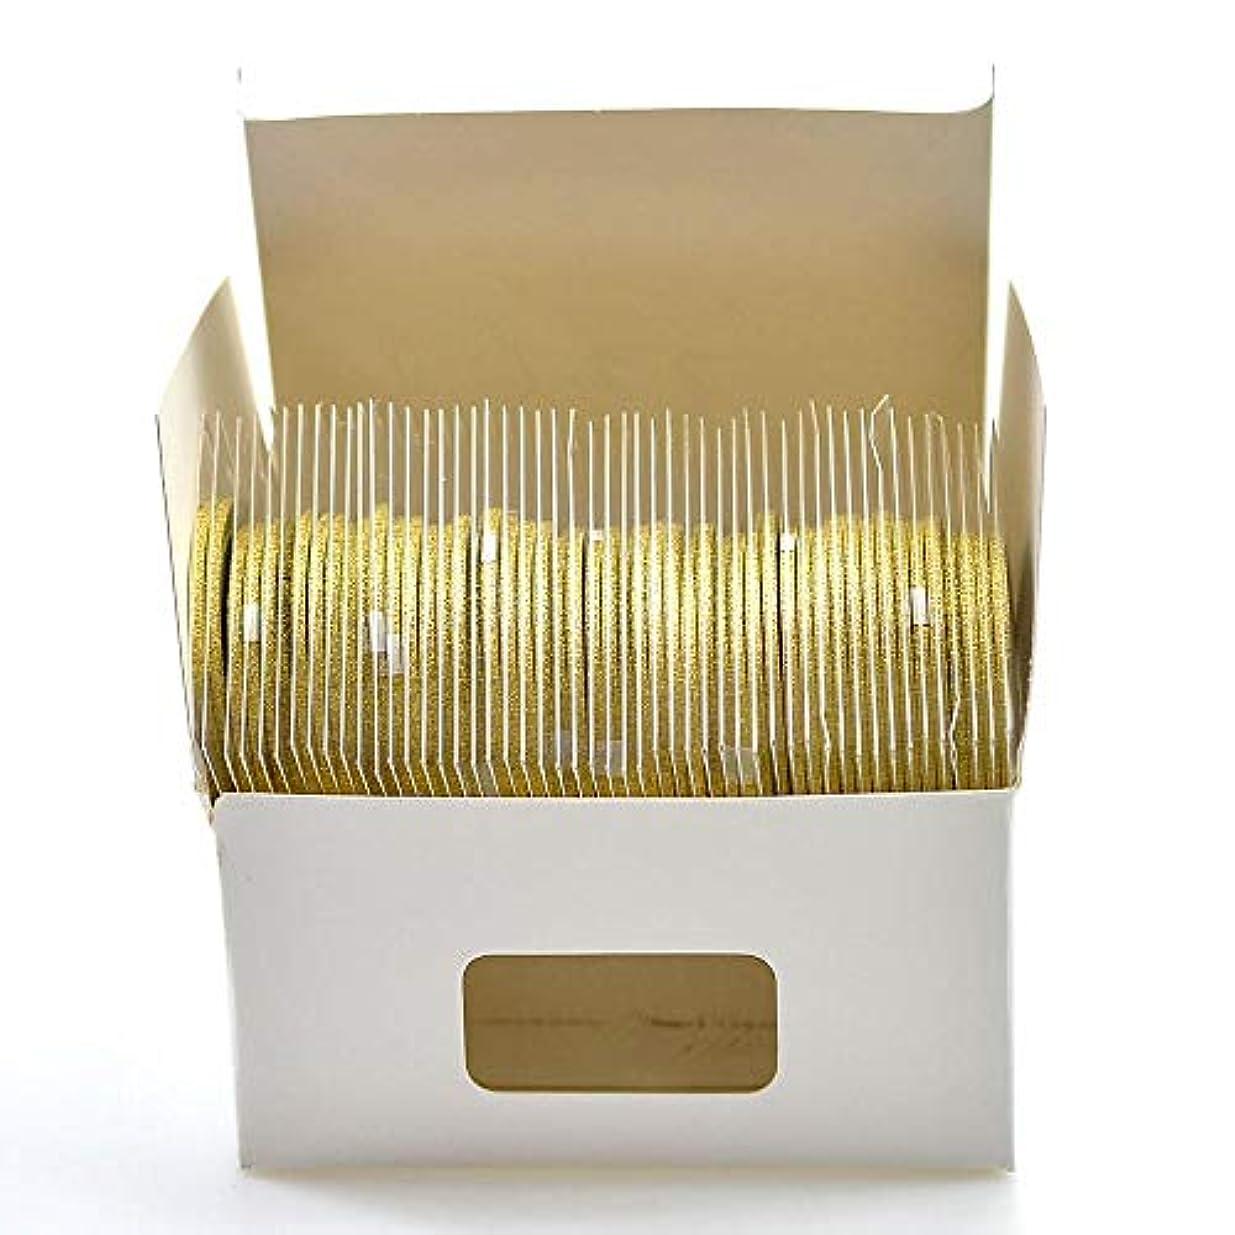 休戦警察署サーフィンSUKTI&XIAO ネイルステッカー 2Mm 50ロールネイルテープ輝くストライプラインアート装飾マニキュアストライプゴールドシルバーキラキラ、ゴールド